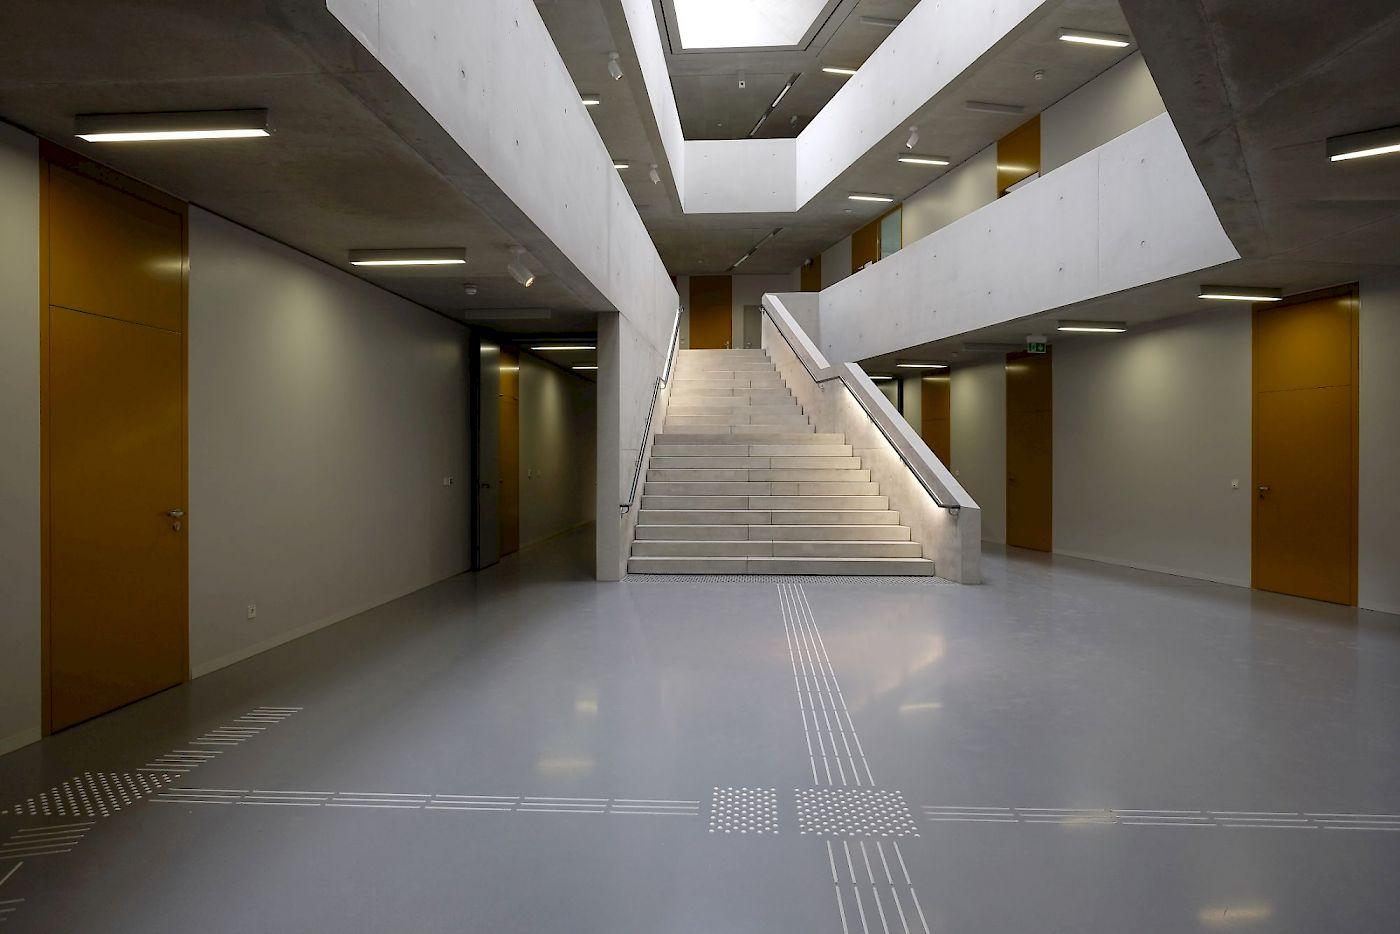 ww_Bildung_Architekturfakultaet_Universitaet_Kassel_Copyright_offen_4c_1400_3